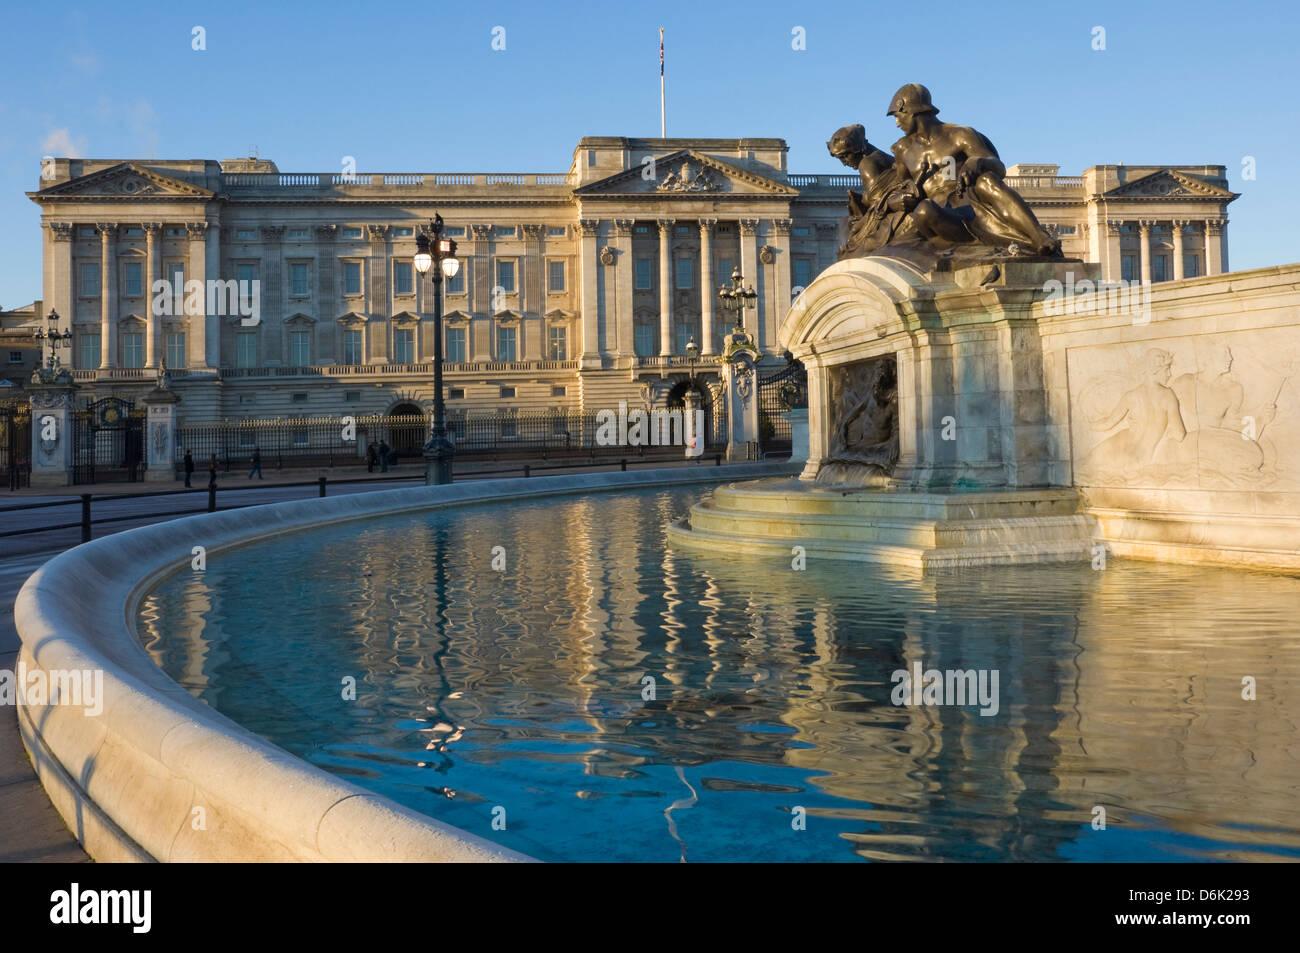 Sunrise, Buckingham Palace and the Fountain, London, England, United Kingdom, Europe - Stock Image